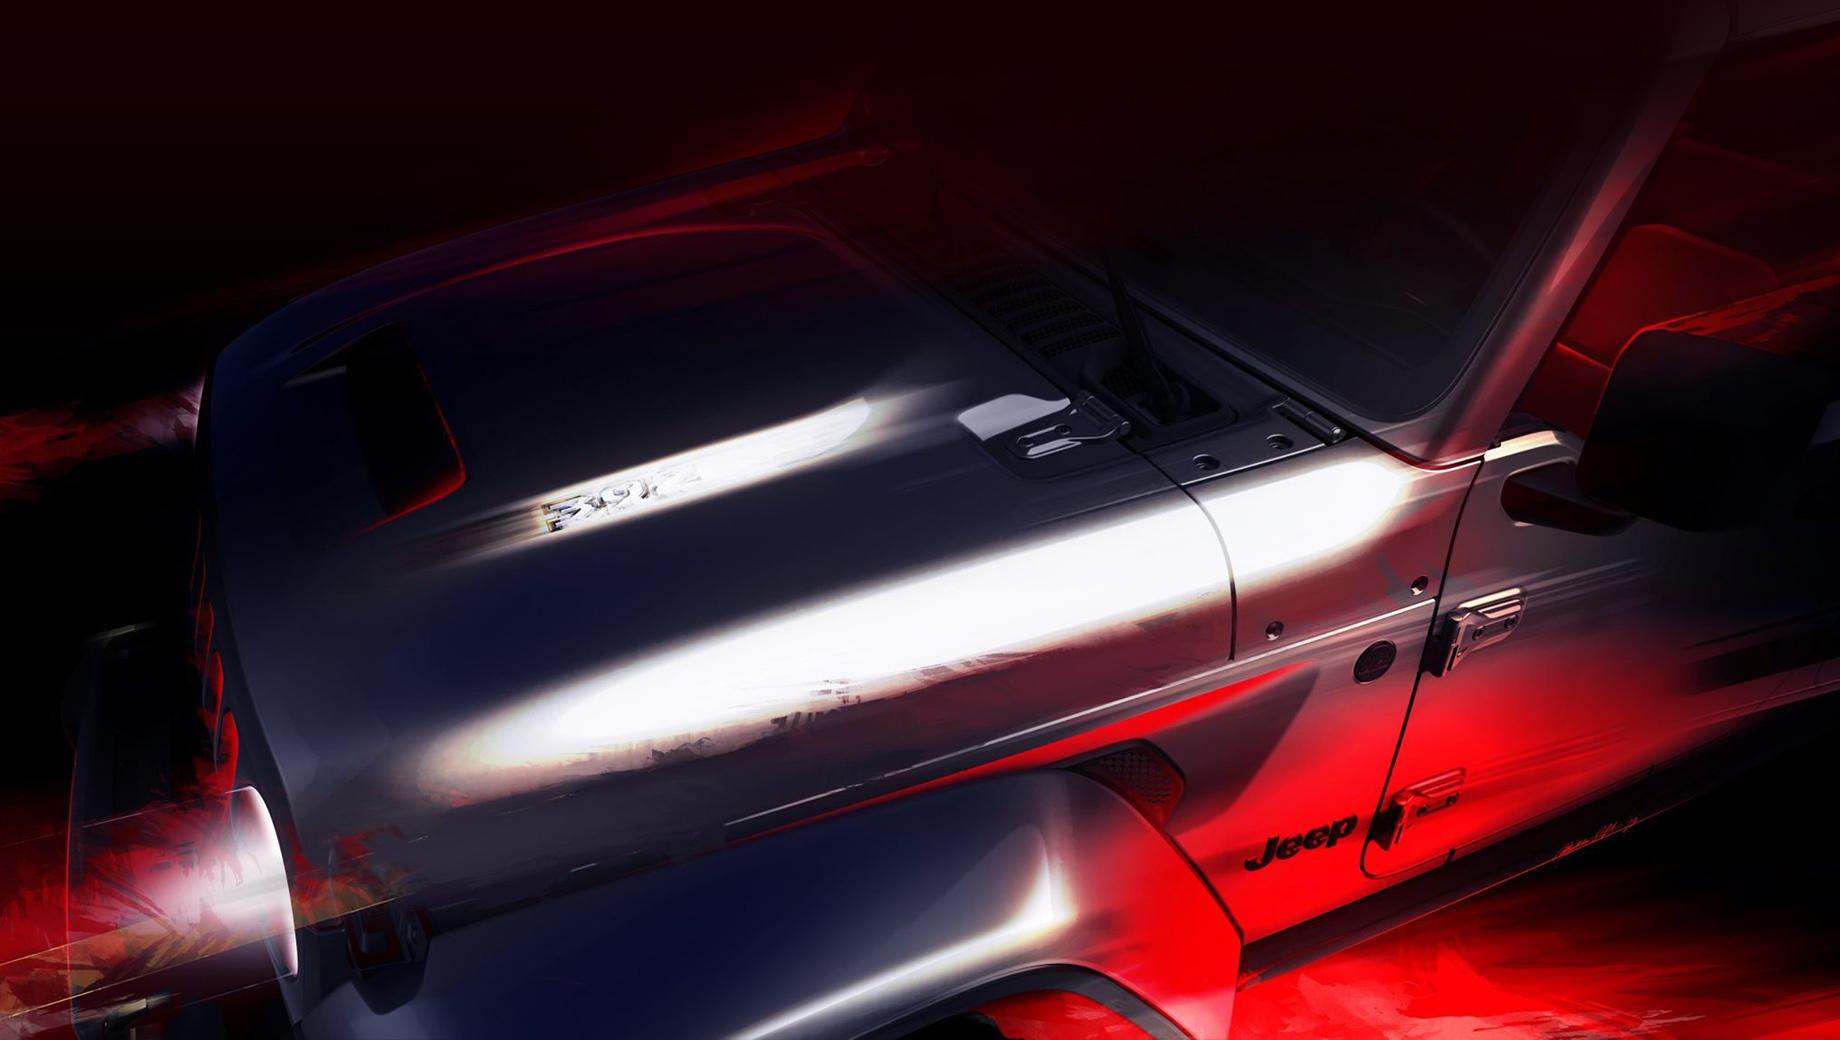 Jeep wrangler,Jeep gladiator. Ранее представители производителя говорили, что мотор V8 под капот Рэнглера вполне помещается. Но официально никто не обещал сделать такой шаг в серии. Тем загадочнее это изображение.